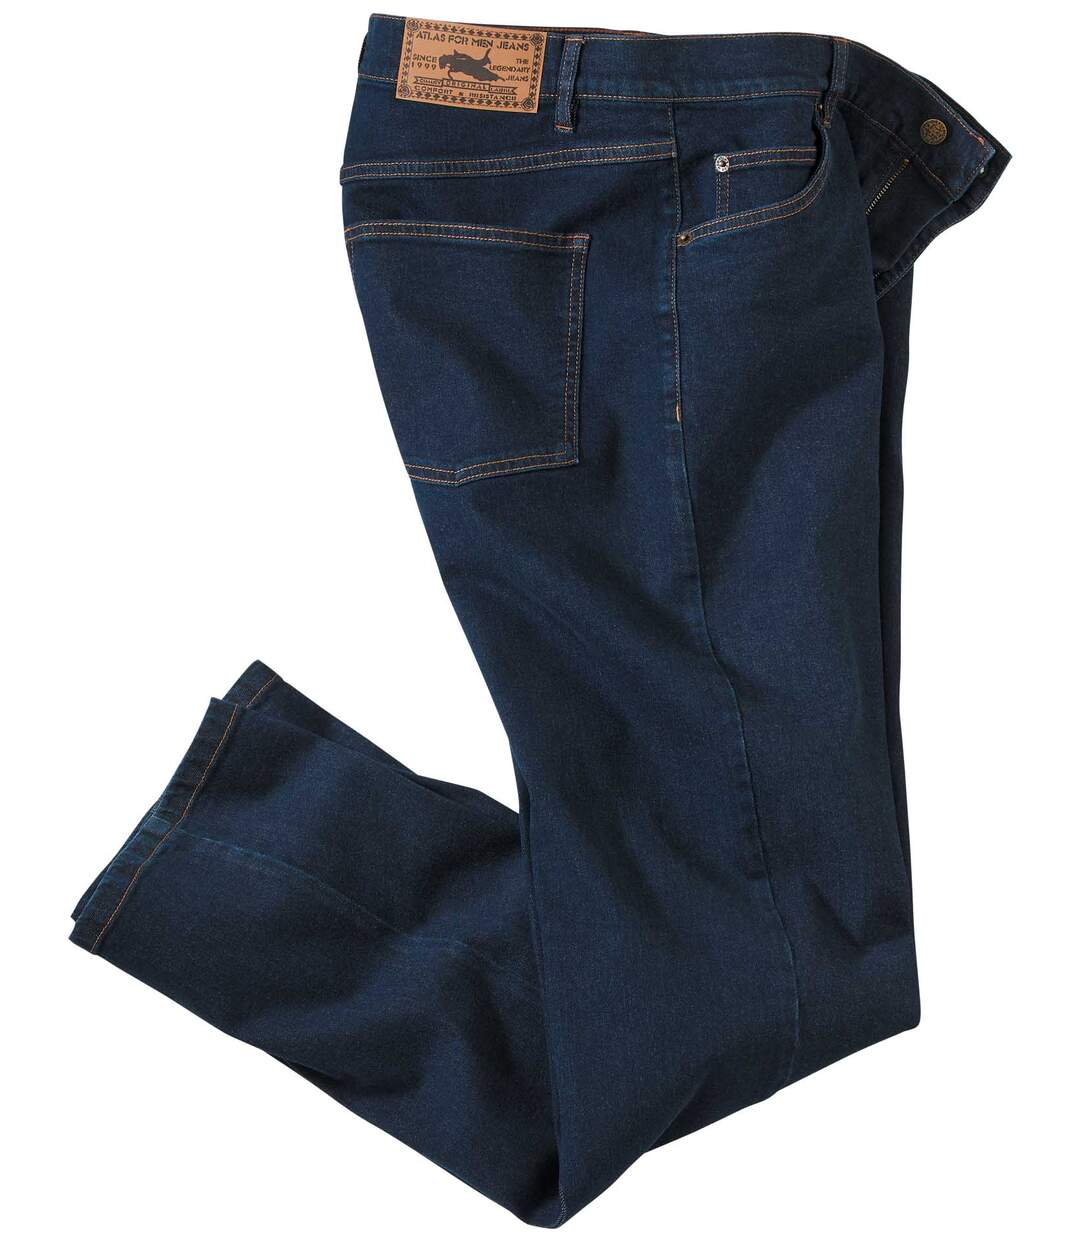 Strečové džínsy s klasickým strihom Regular